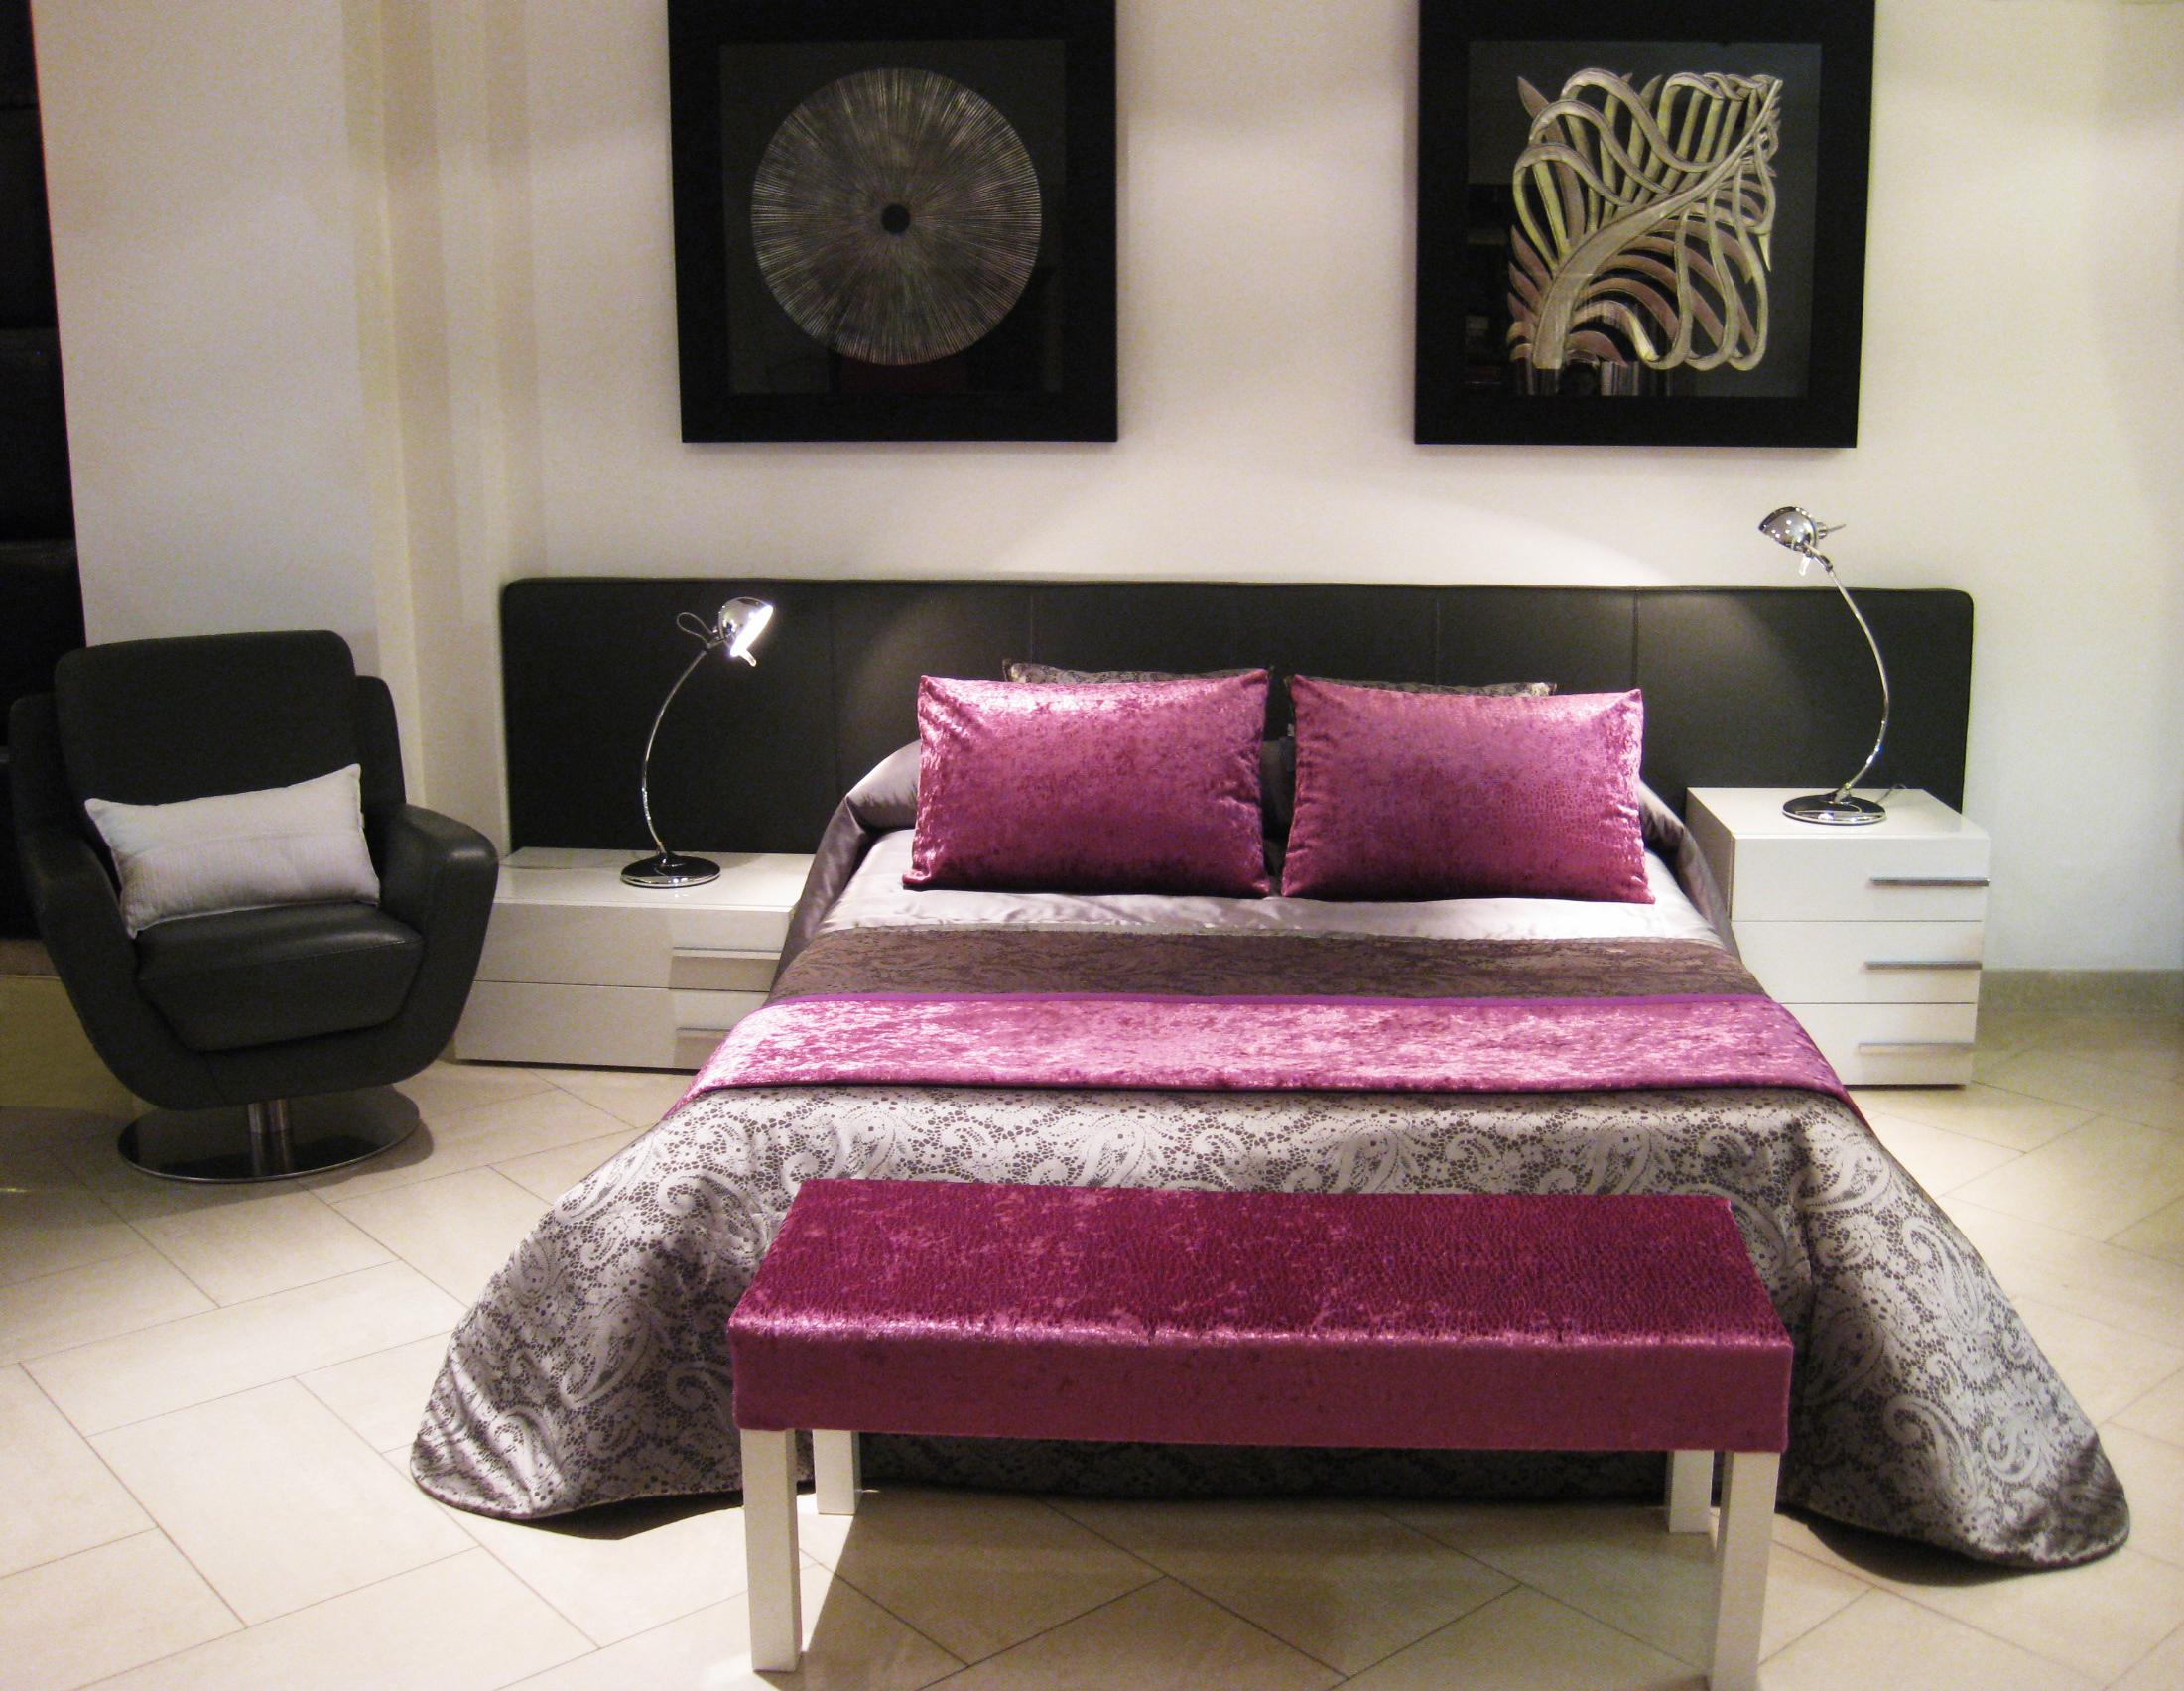 Simetr a en la decoraci n orden y elegancia villalba for Carrera de interiorismo y decoracion